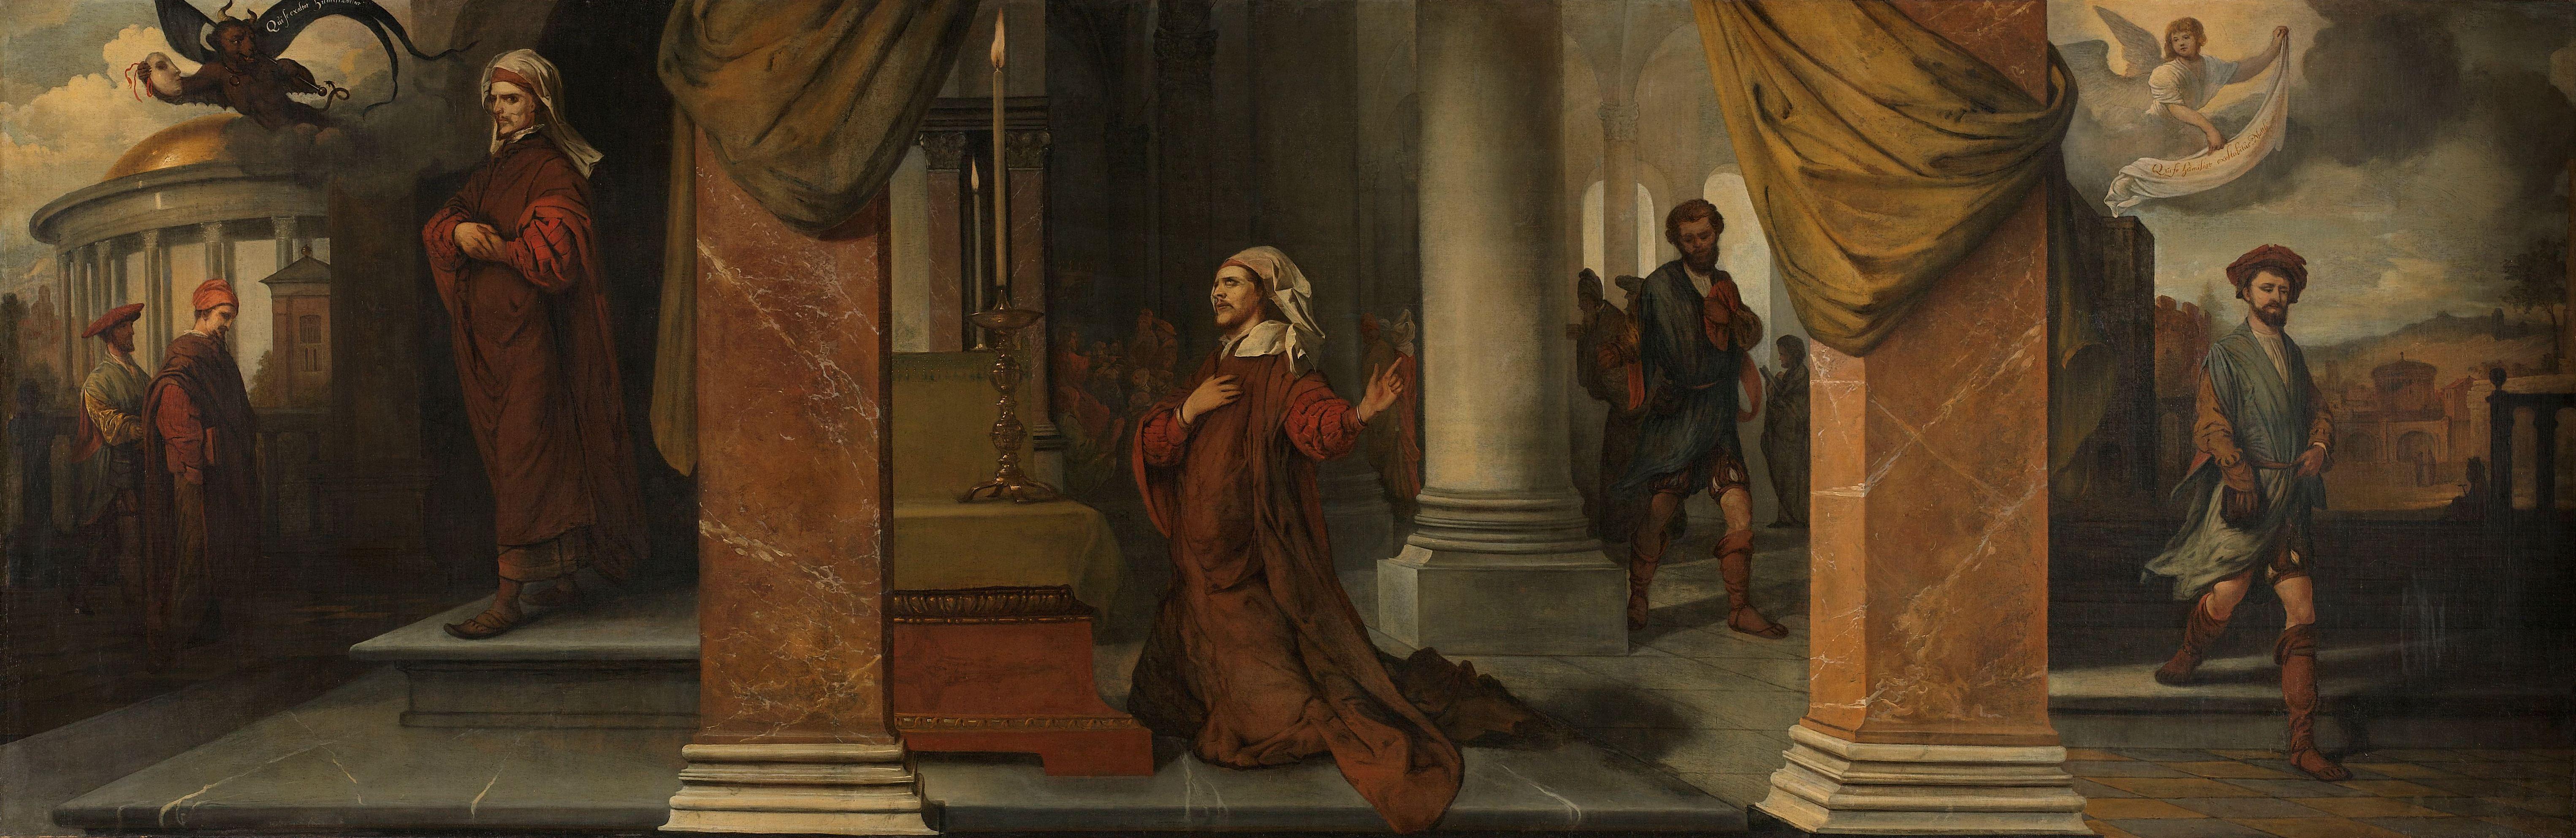 Rijksmuseum geeft wellicht schilderijen terug aan Lutherse kerk in Leiden: 'Voorwaarde is dat de kerk een publieke functie krijgt'